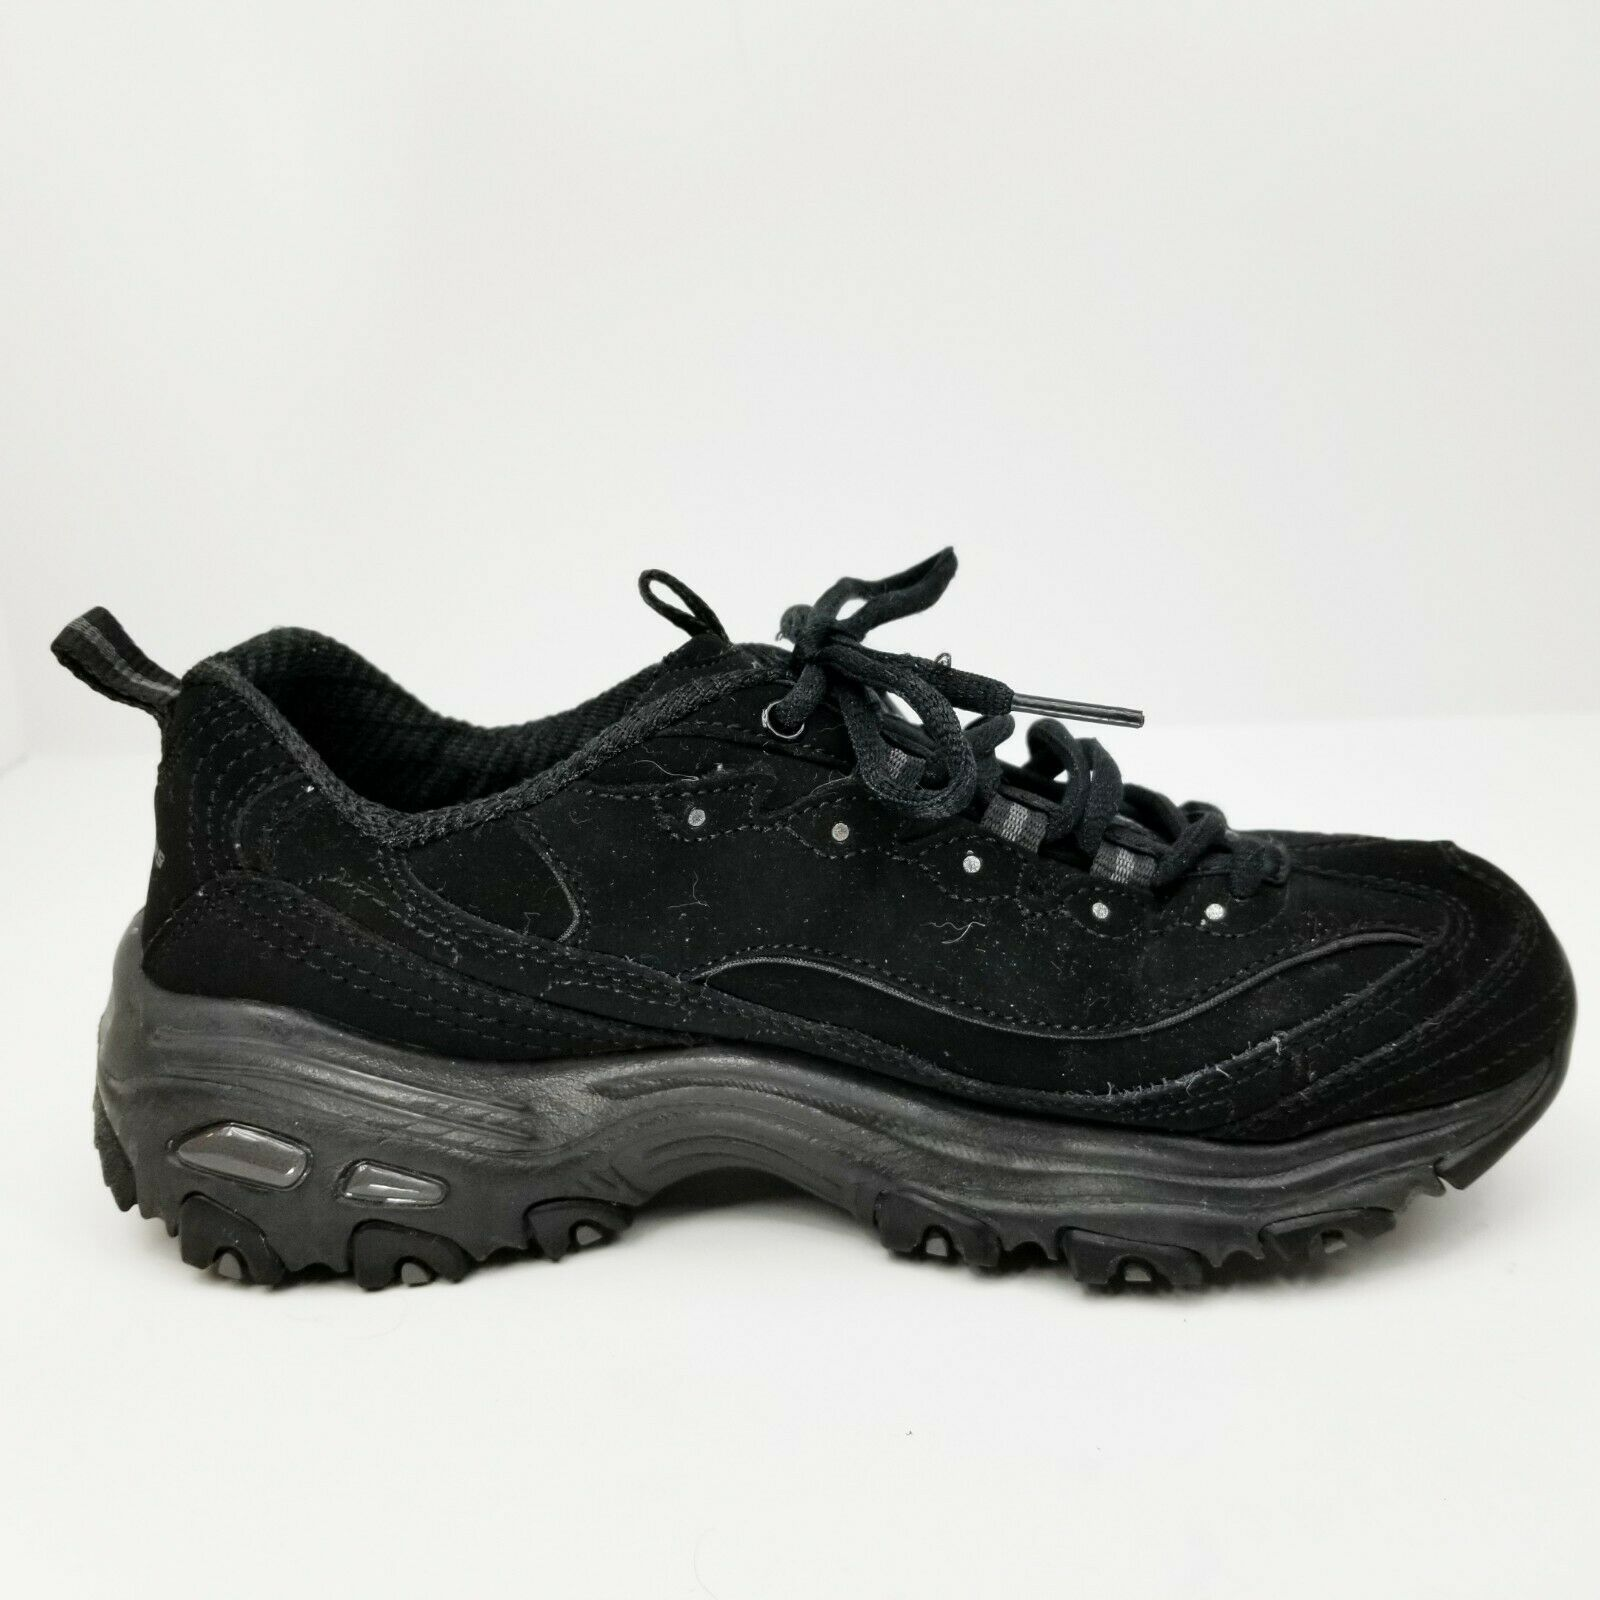 Skechers D'Lites Womens Shoes Size 6.5 M 11949 Memory Foam Air-Cooled Black EUC